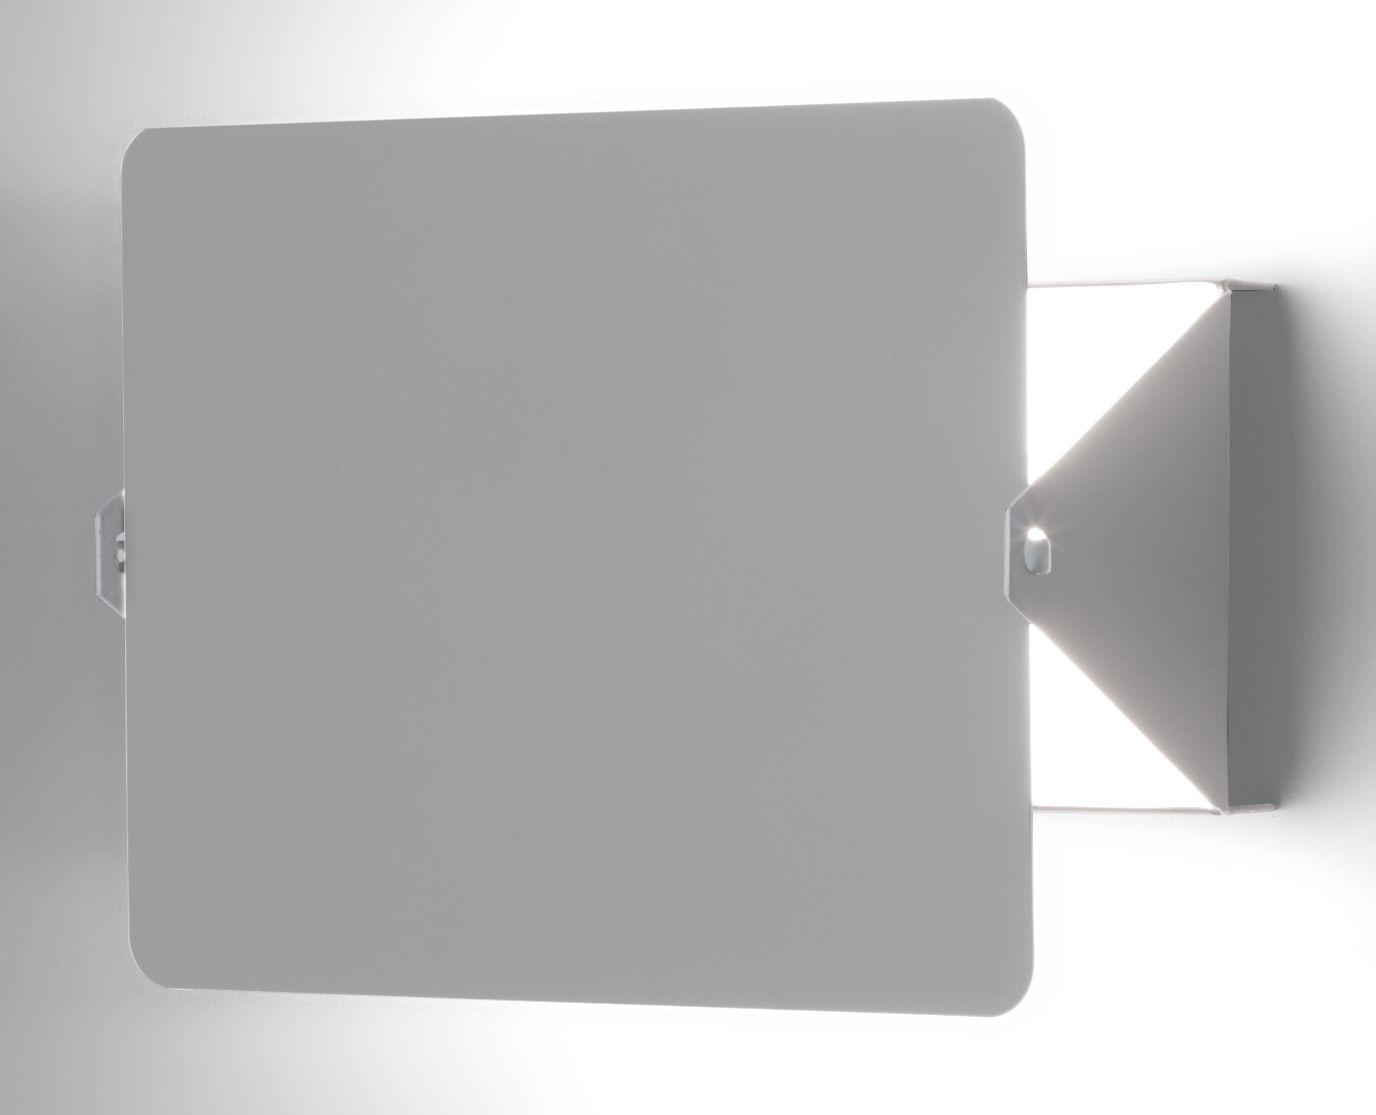 Applique nemo blanc plaque pivotante grise l 12.5 x h 16.5